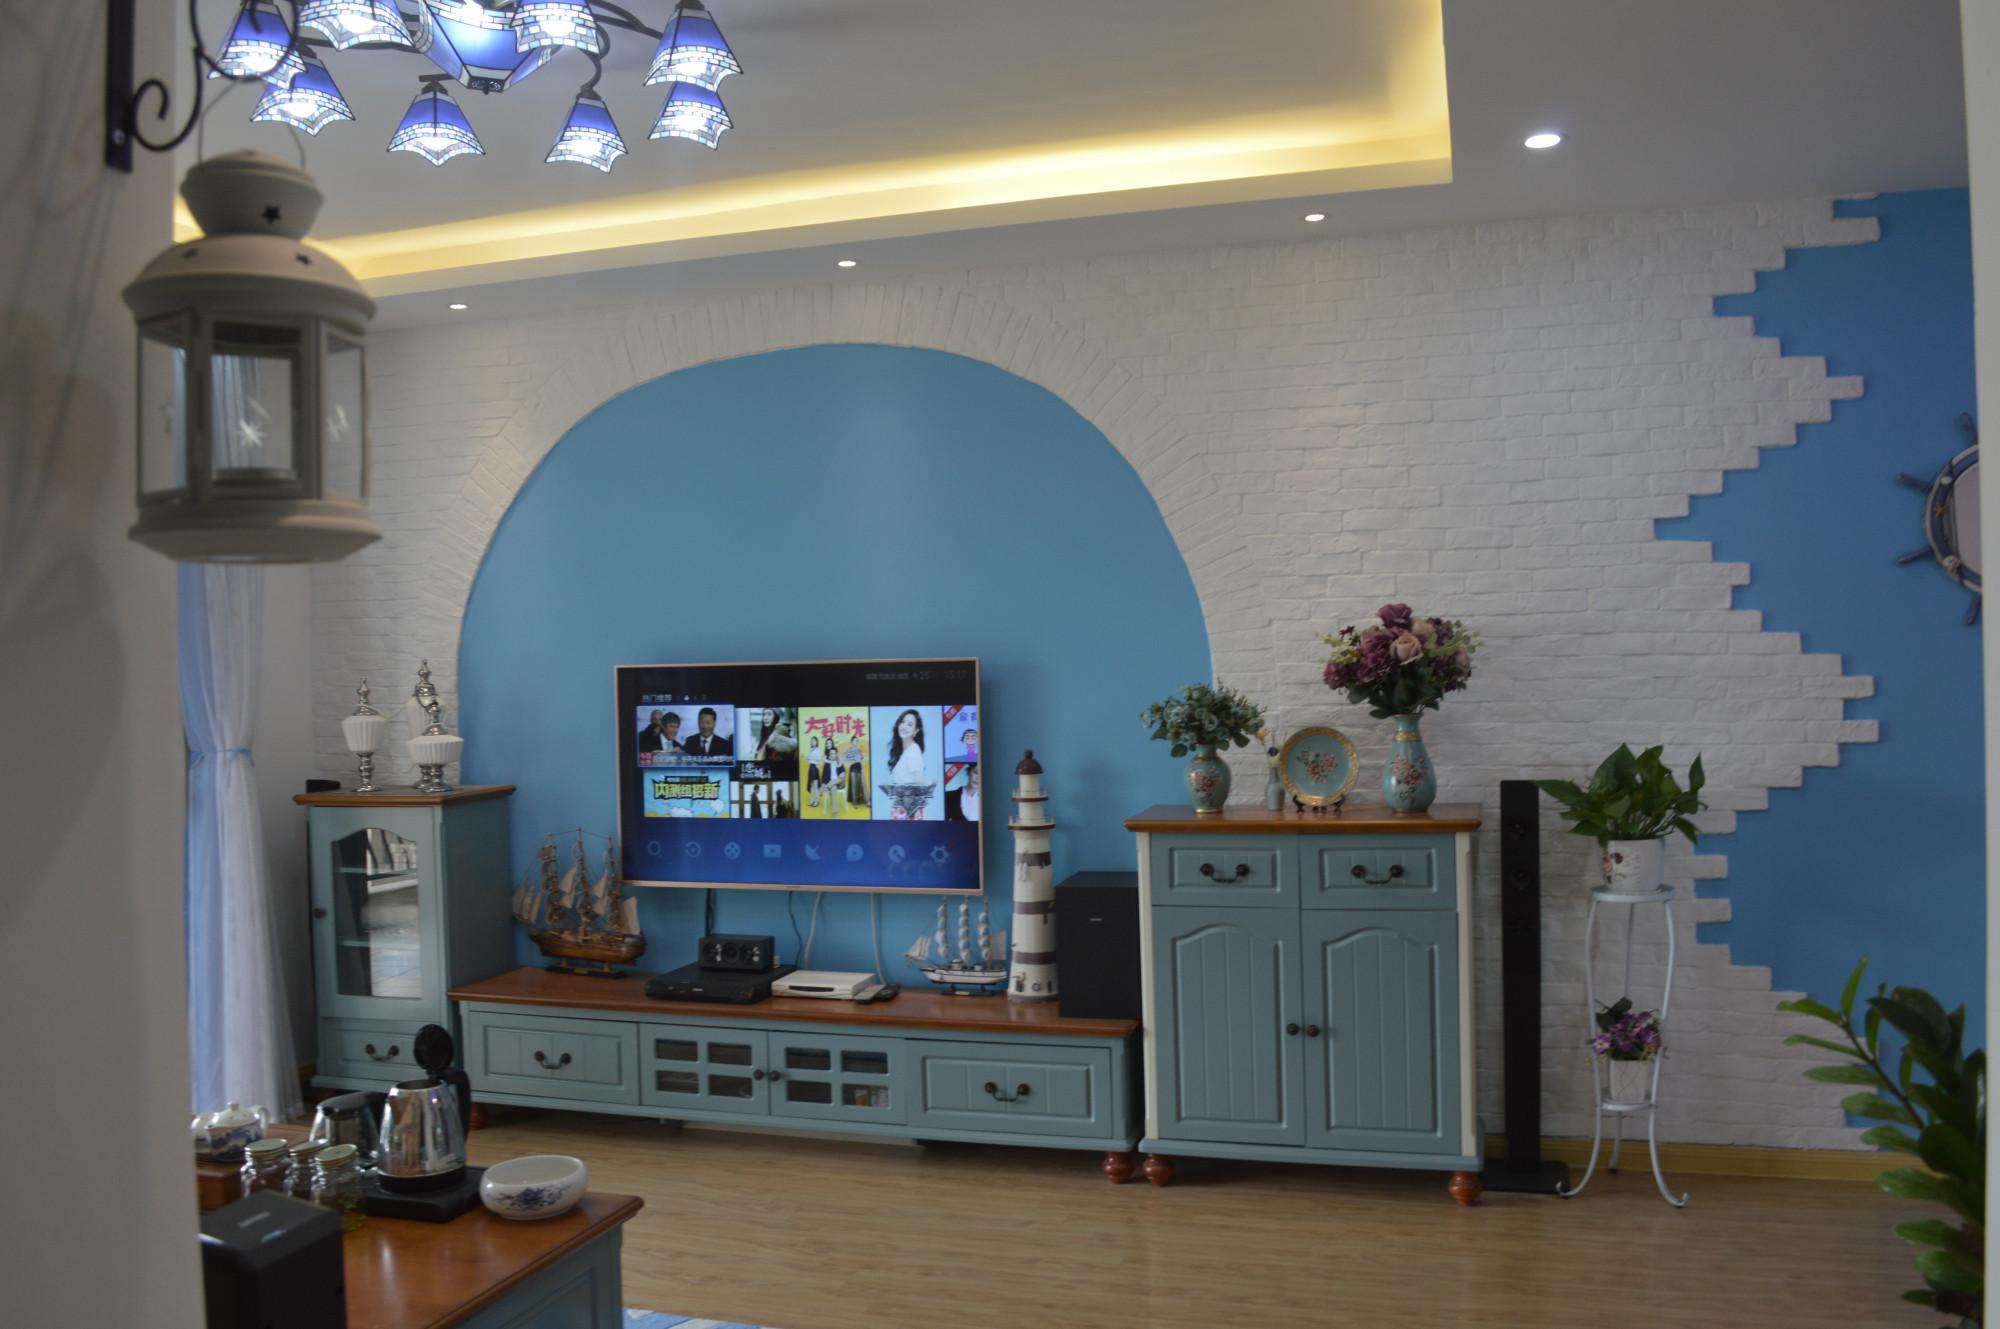 三居室地中海风格家电视背景墙设计